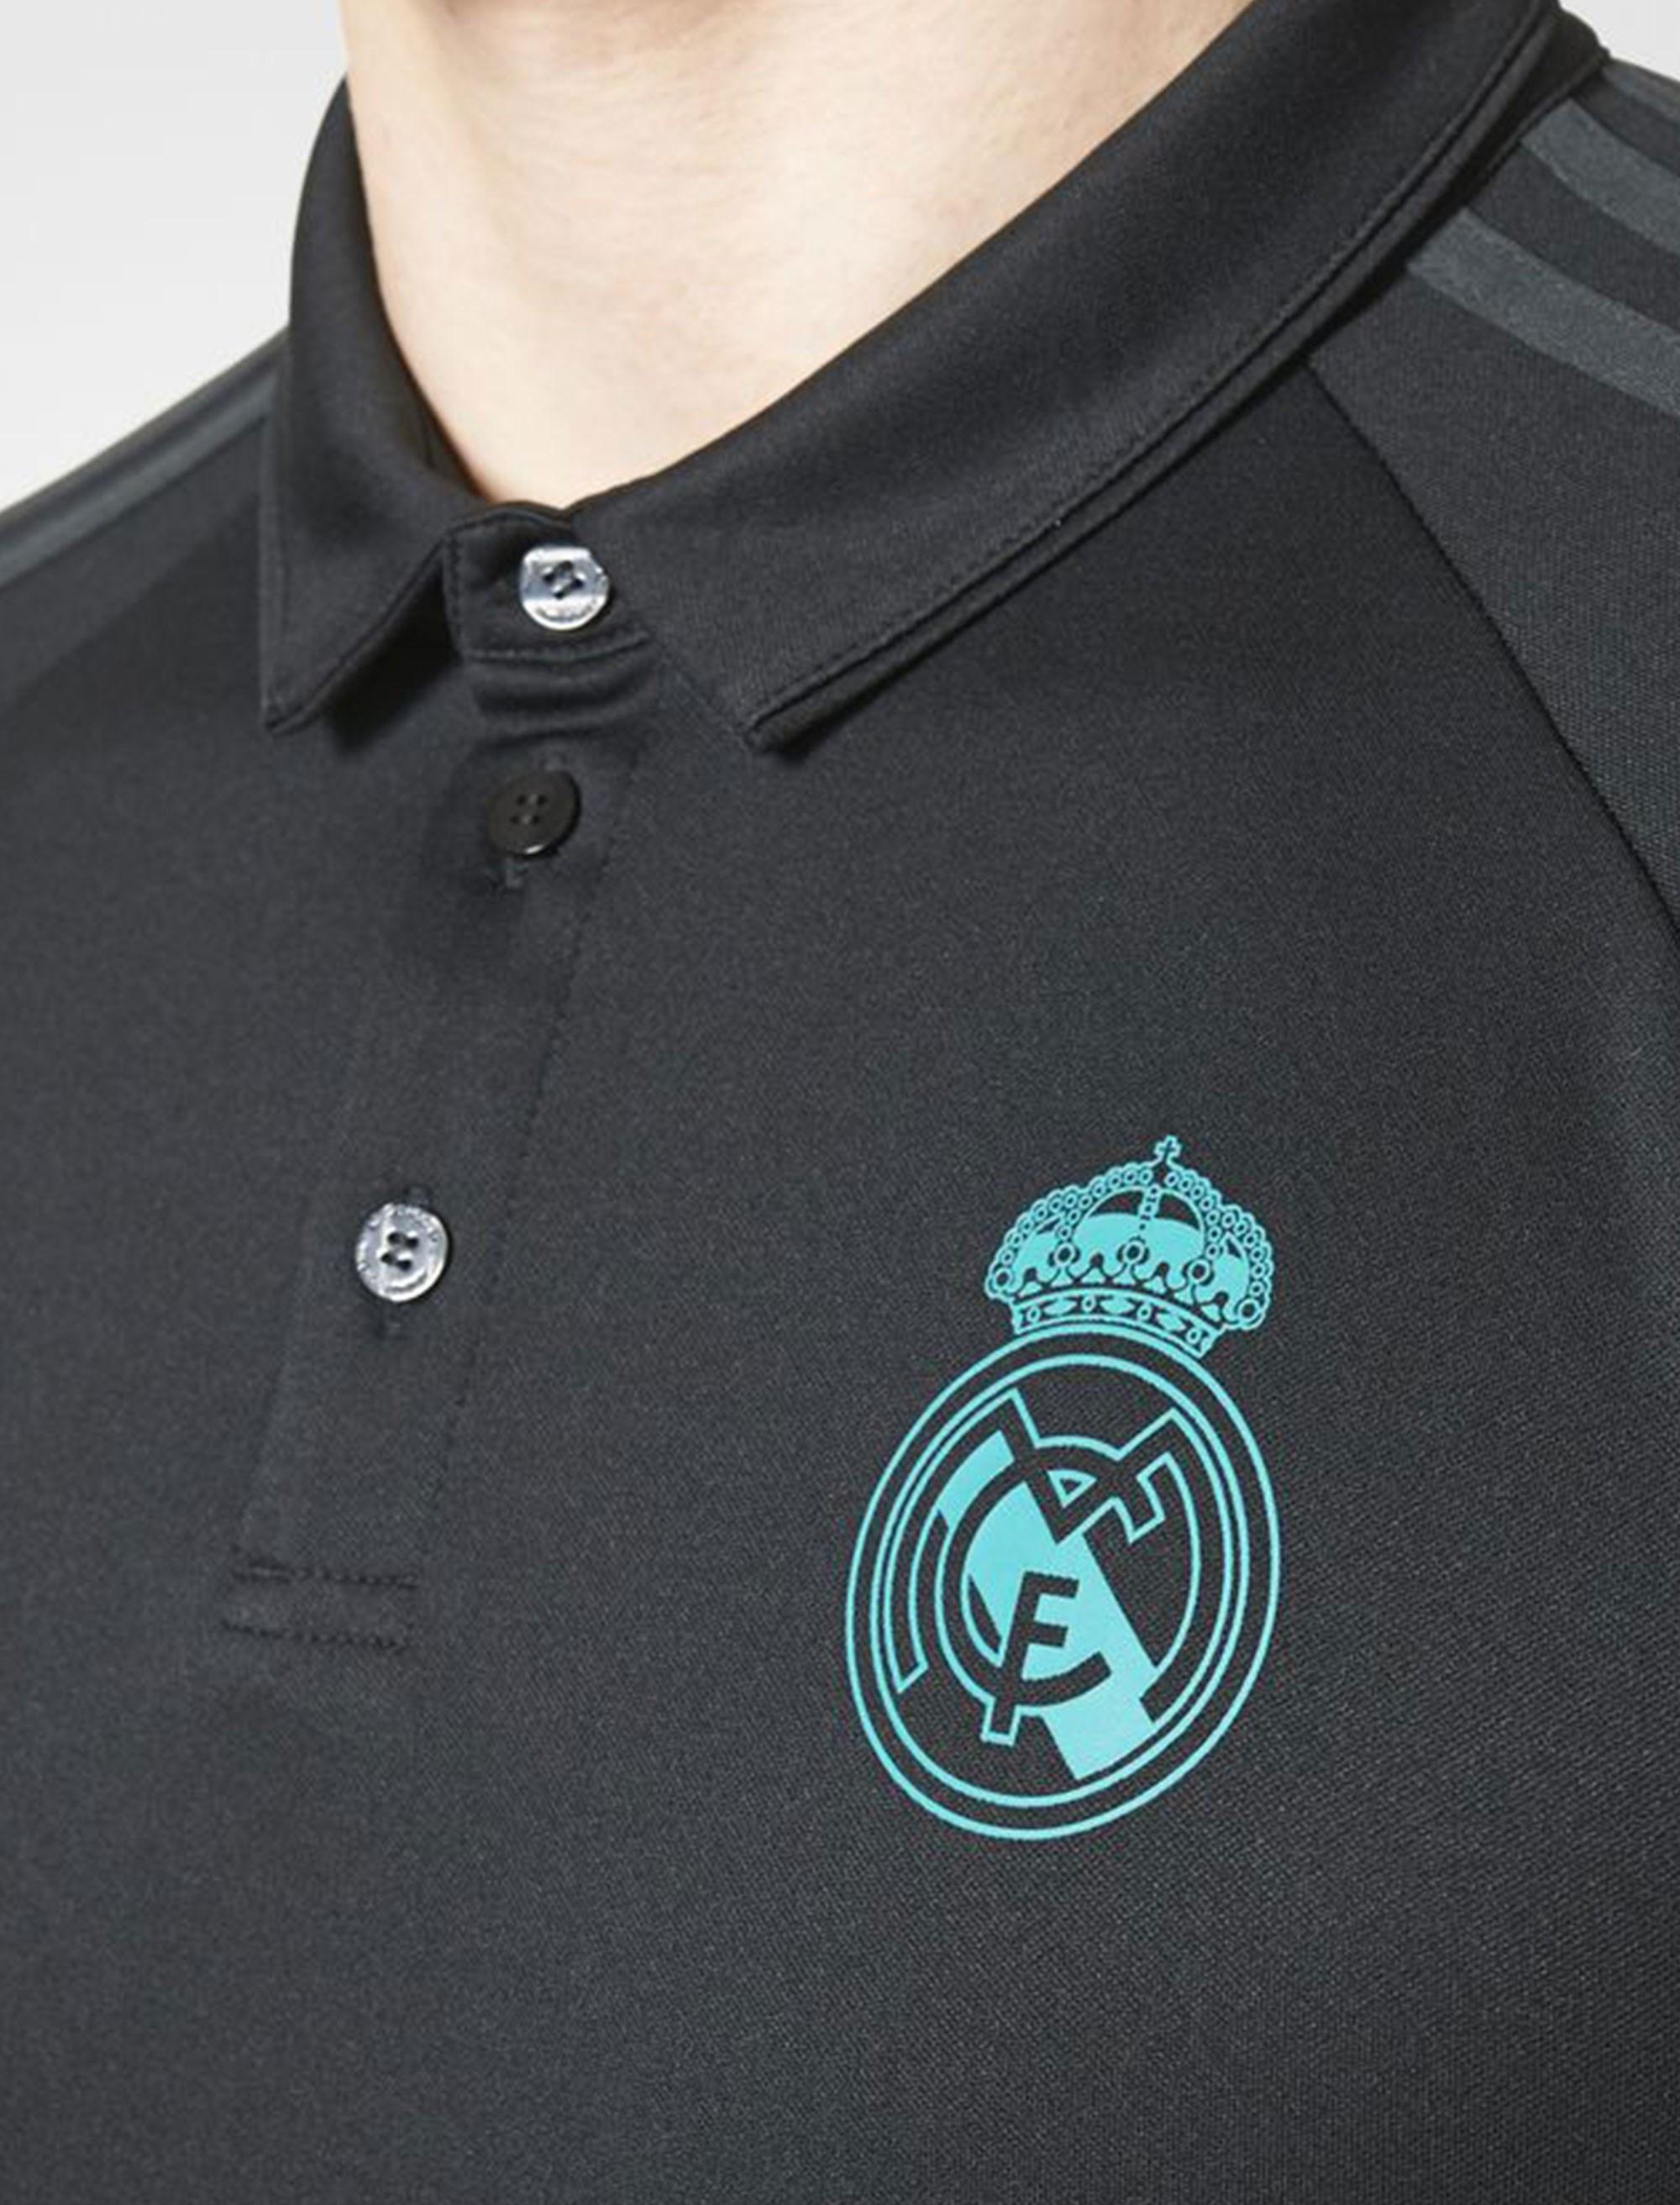 پولوشرت ورزشی آستین کوتاه مردانه Real Madrid - آدیداس - مشکي - 6